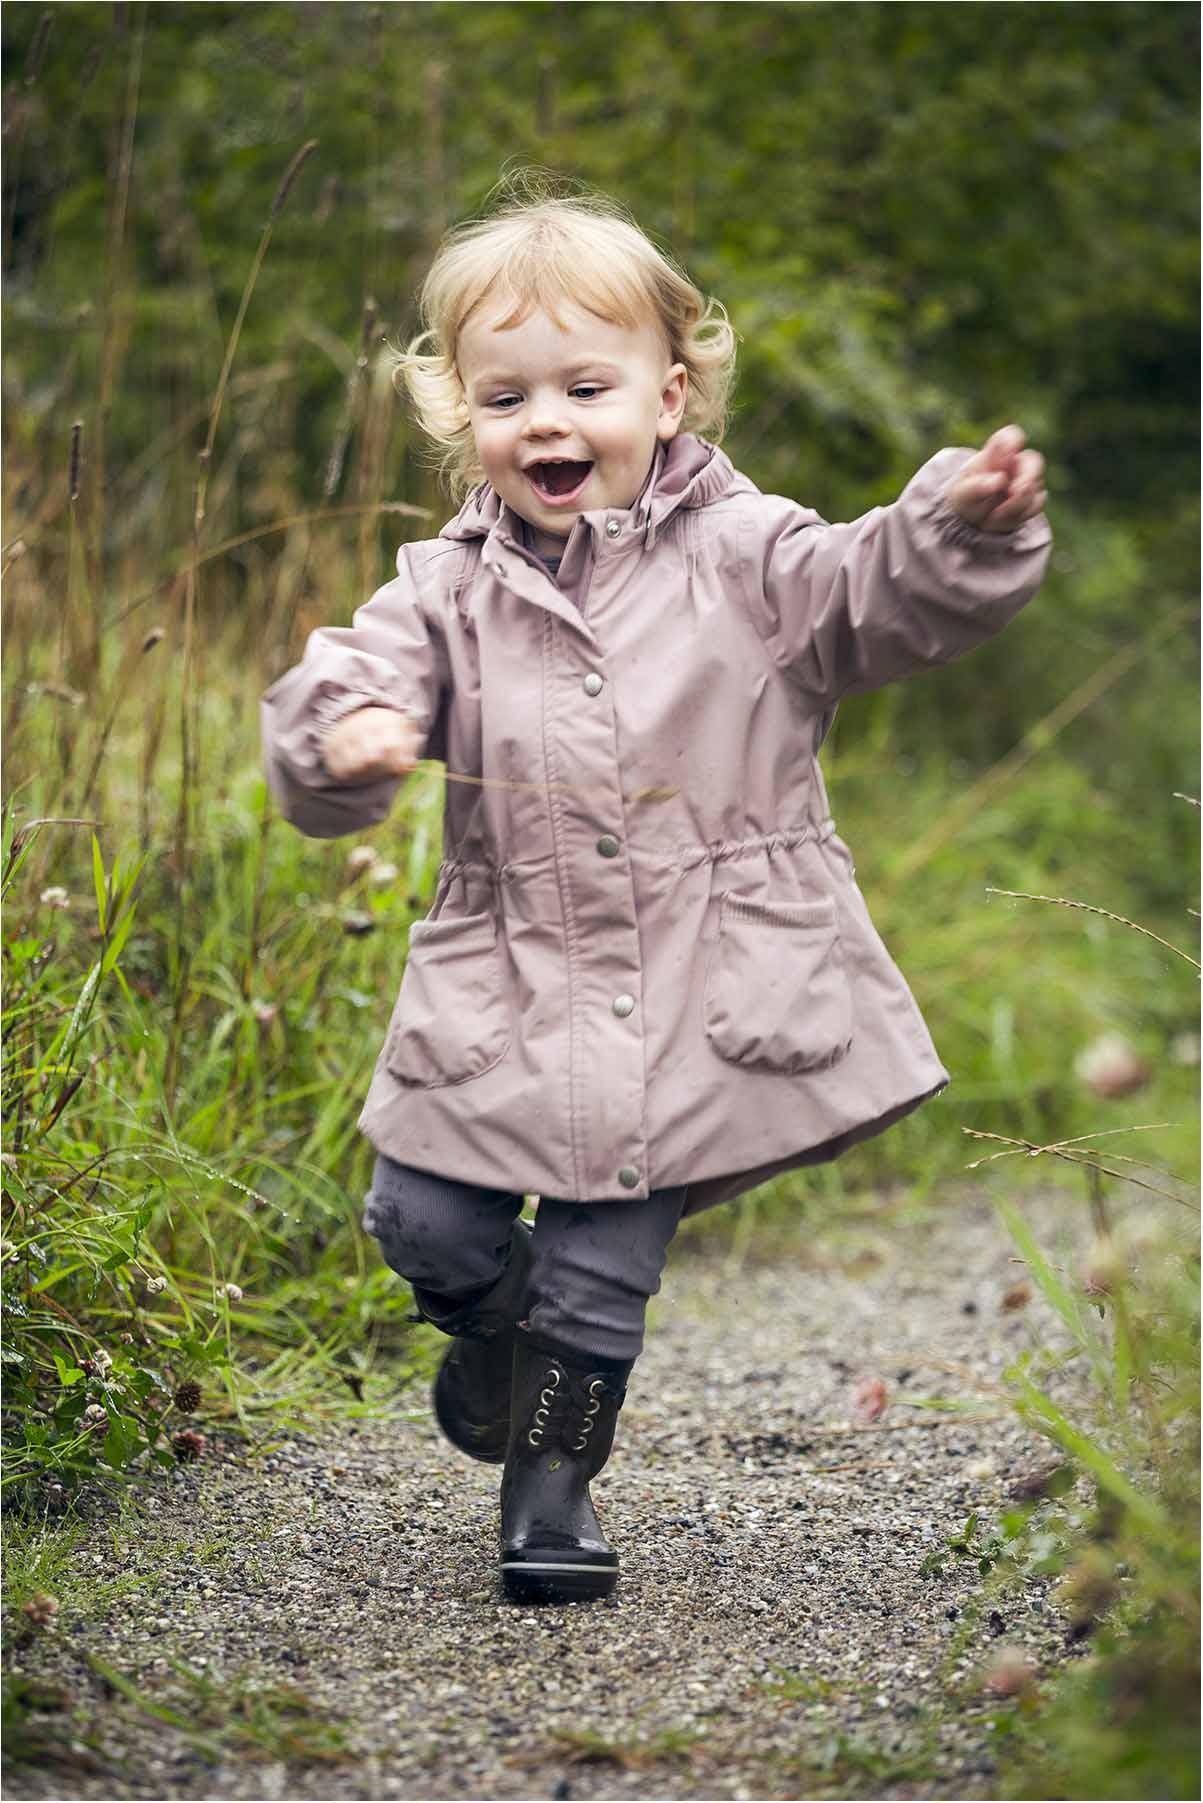 børnefotografering Haderslev